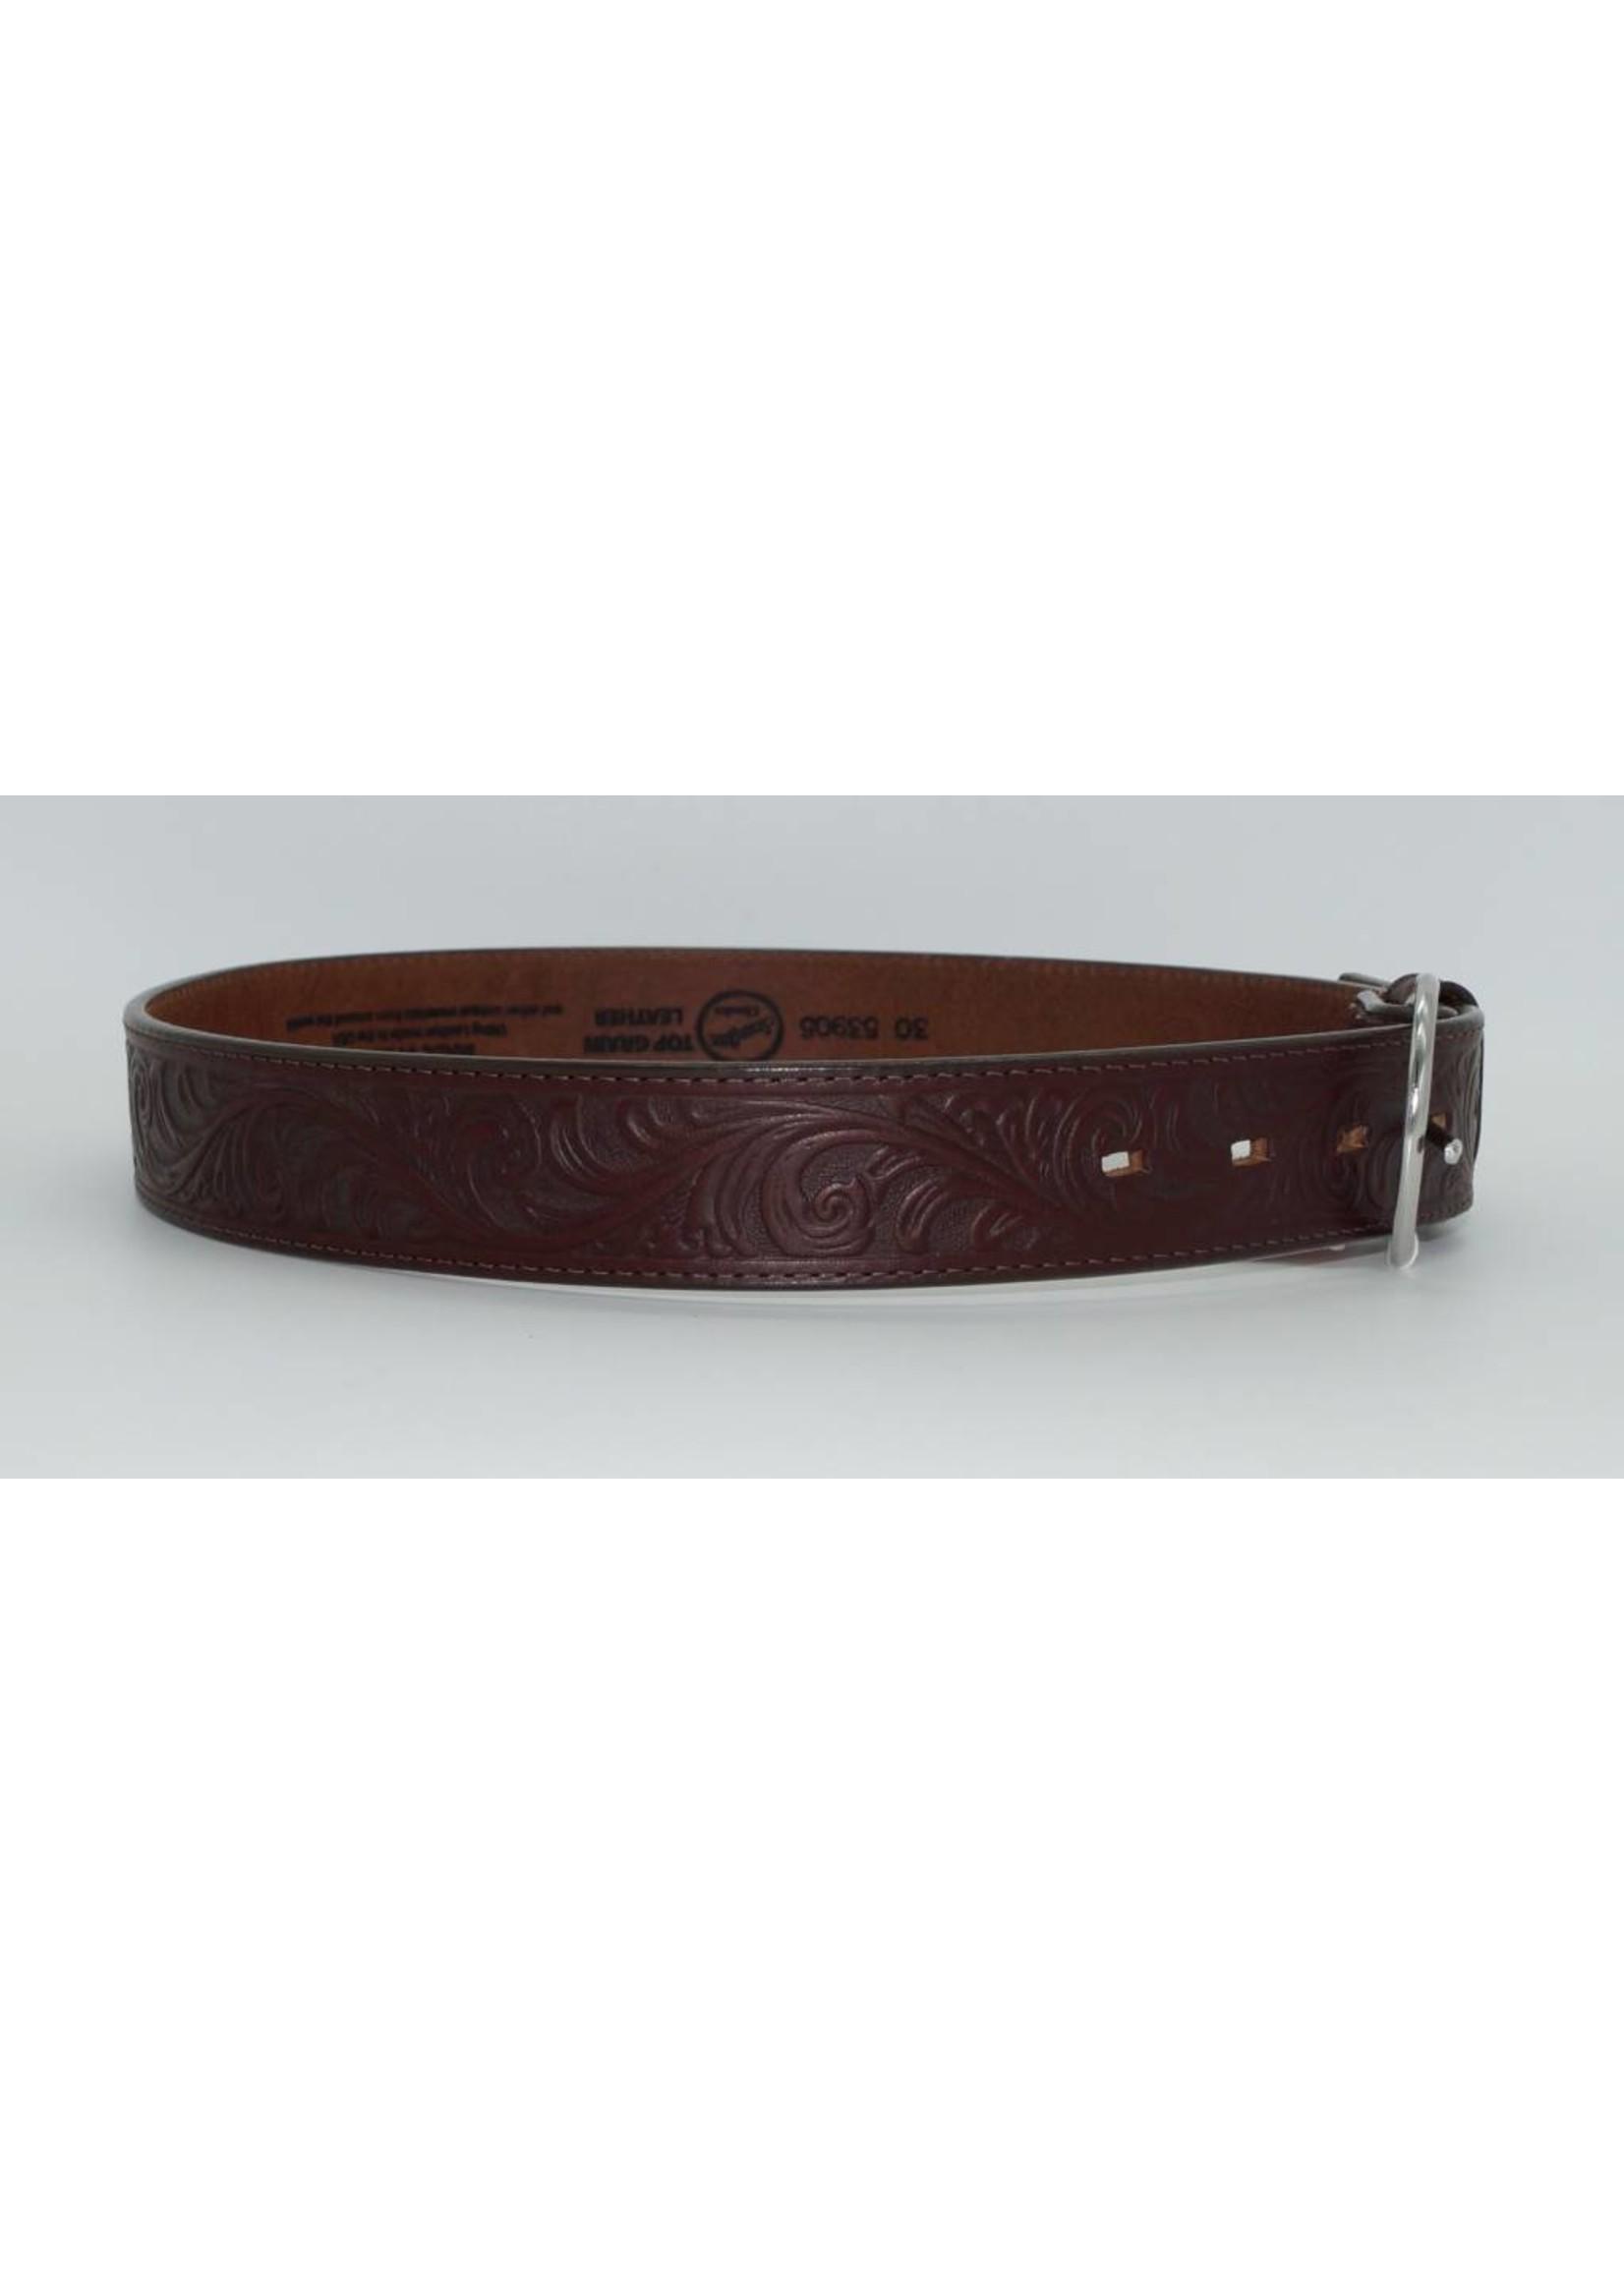 Justin Dark Brown Western Floral Tooled Leather Men's Belt 53905